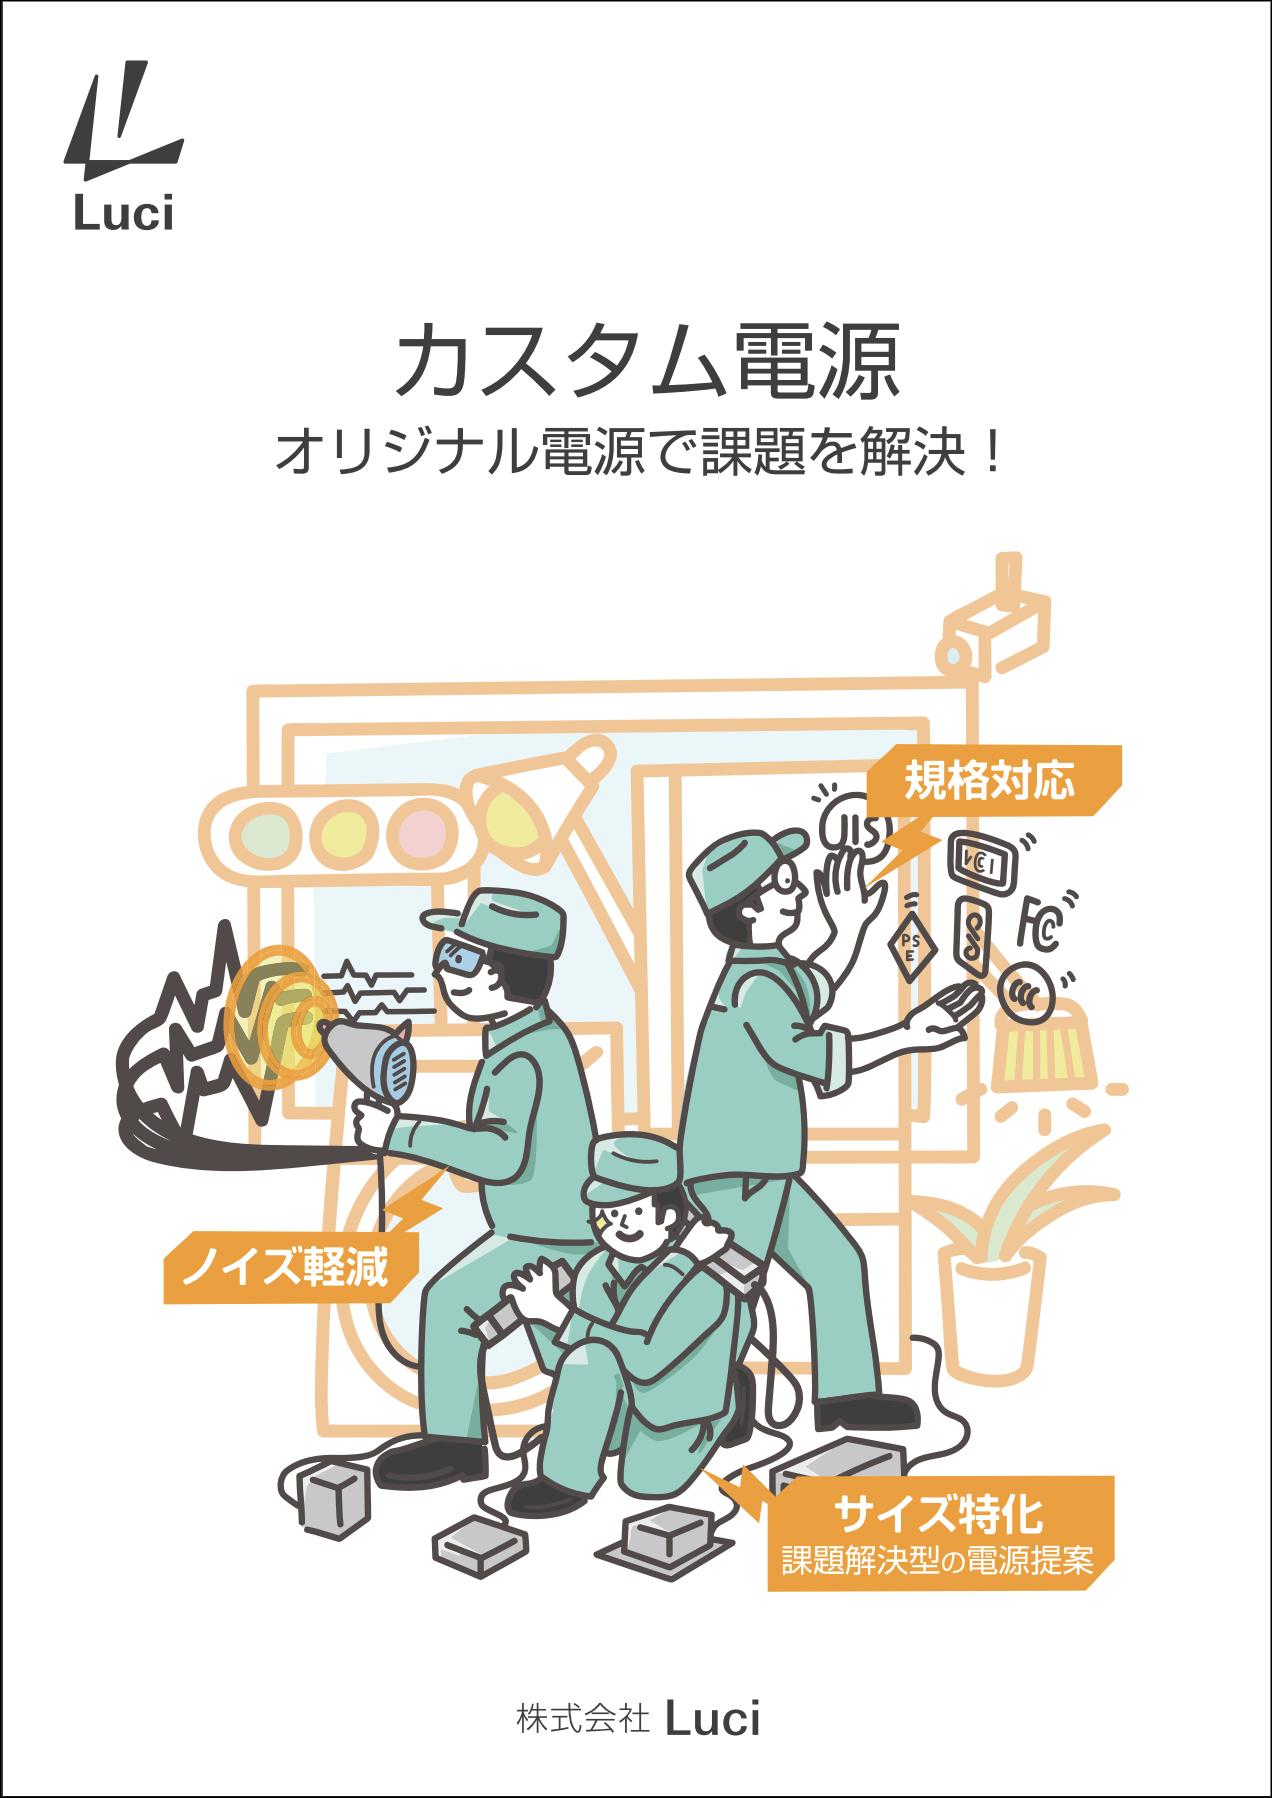 カスタム電源事業の紹介パンフレット